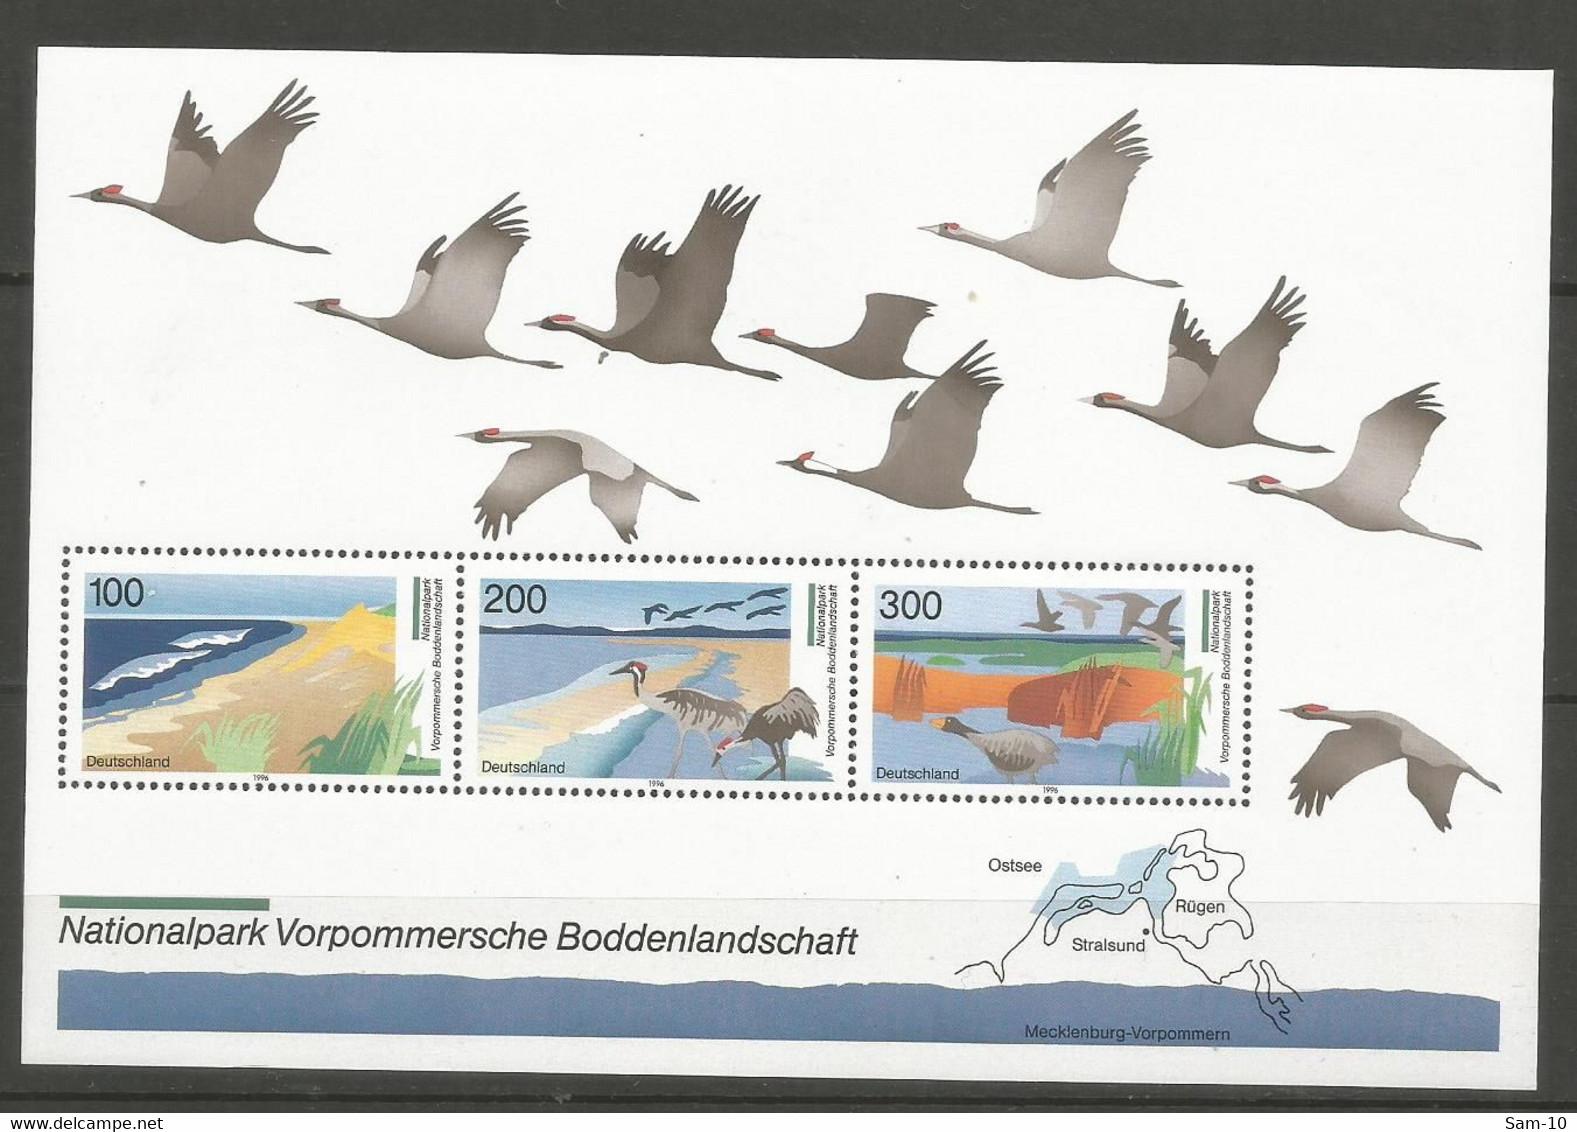 Bloc Allemagne Fédérale  Neuf **  N 35 - Blocchi